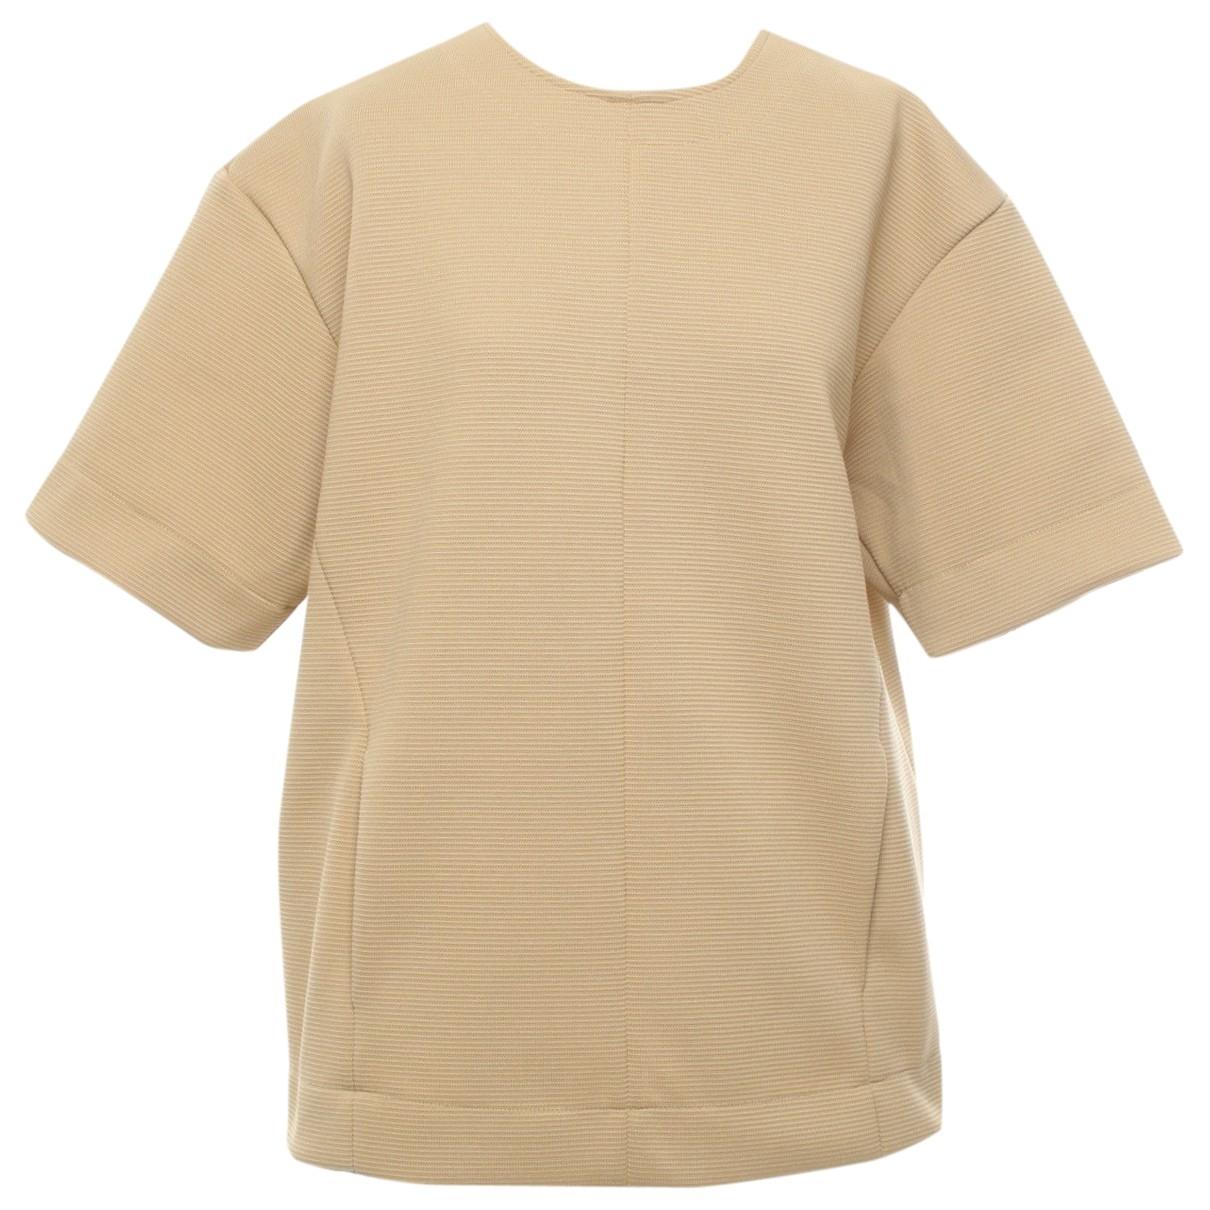 Marni - Top   pour femme - beige